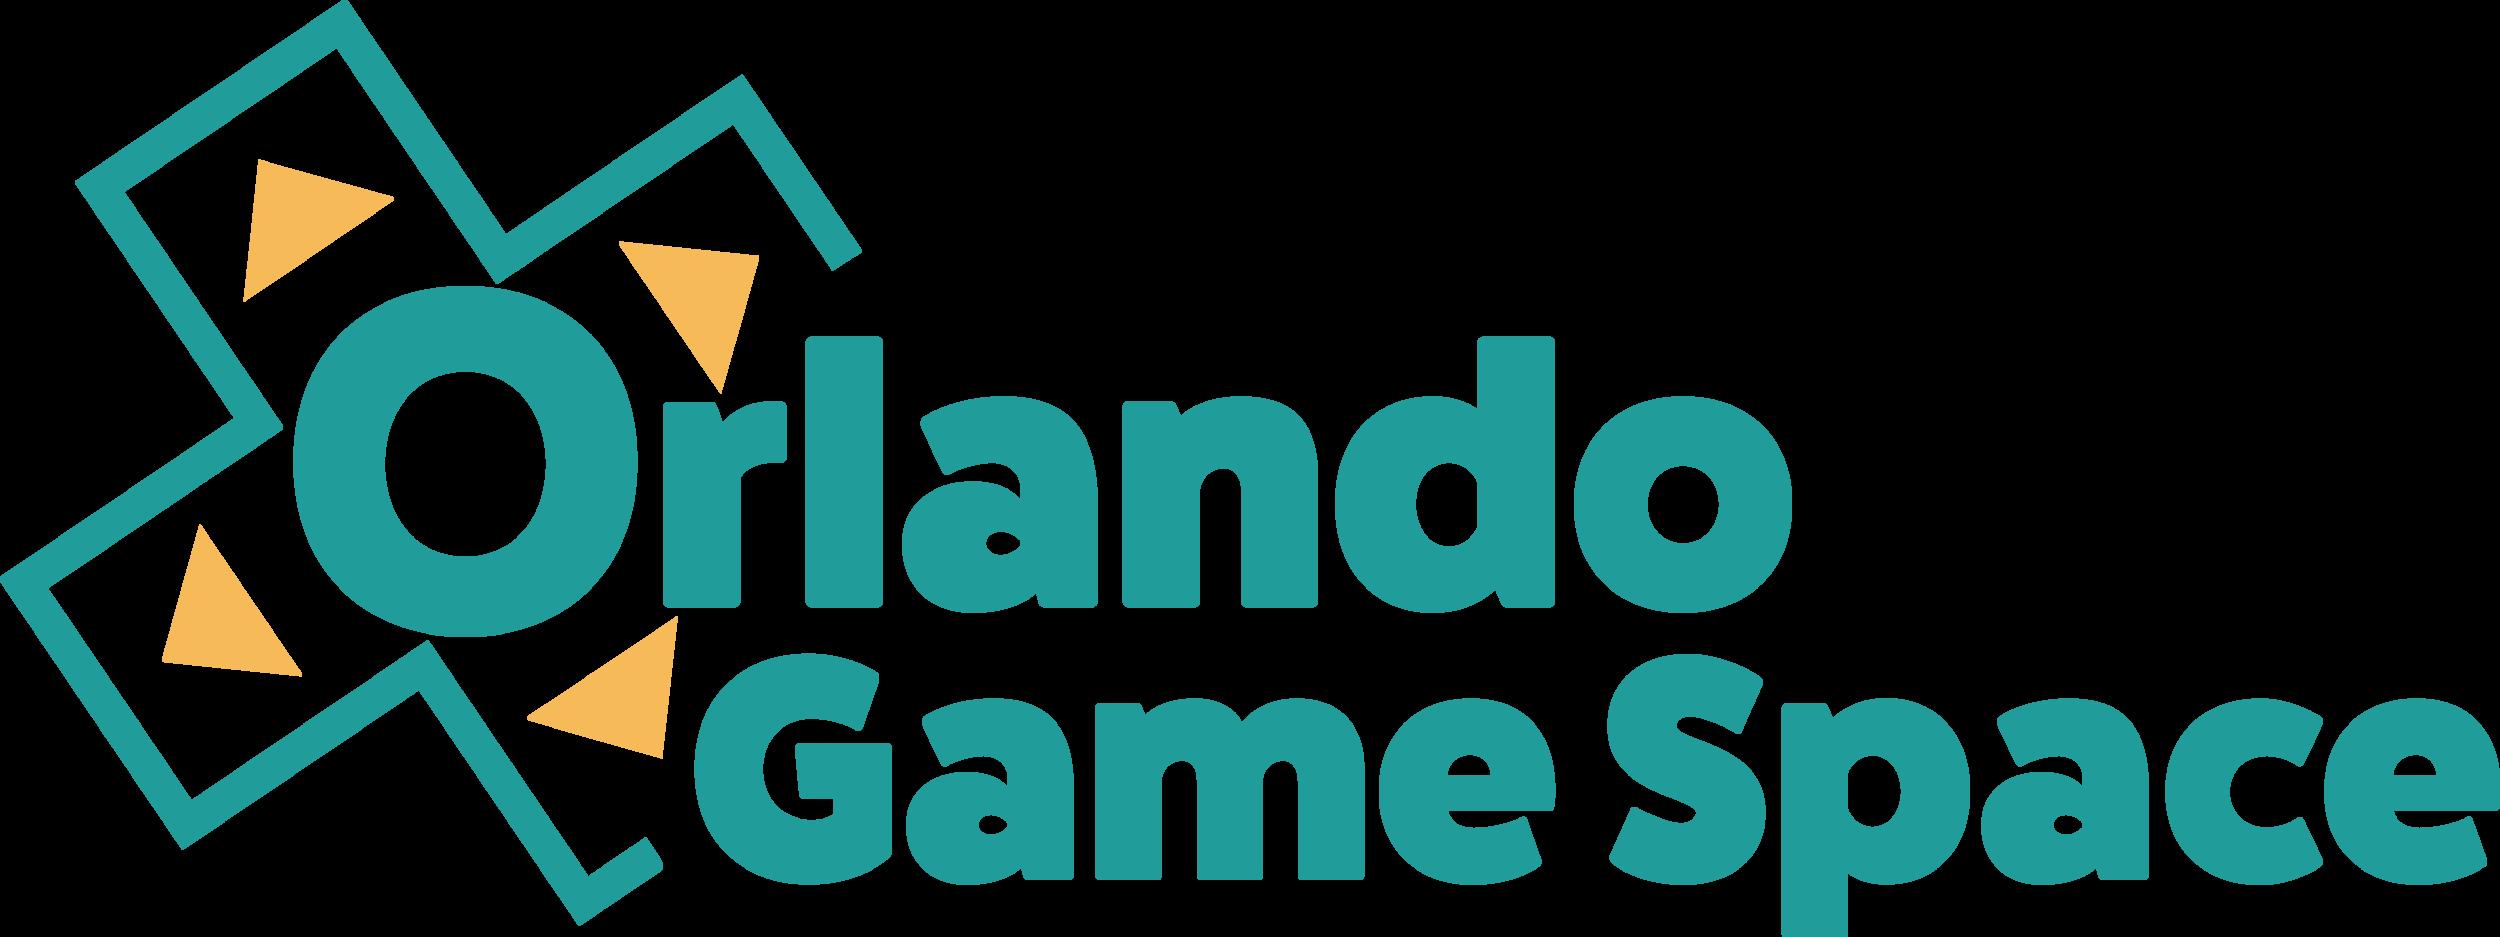 GameSpaceLogo_v4-1.png